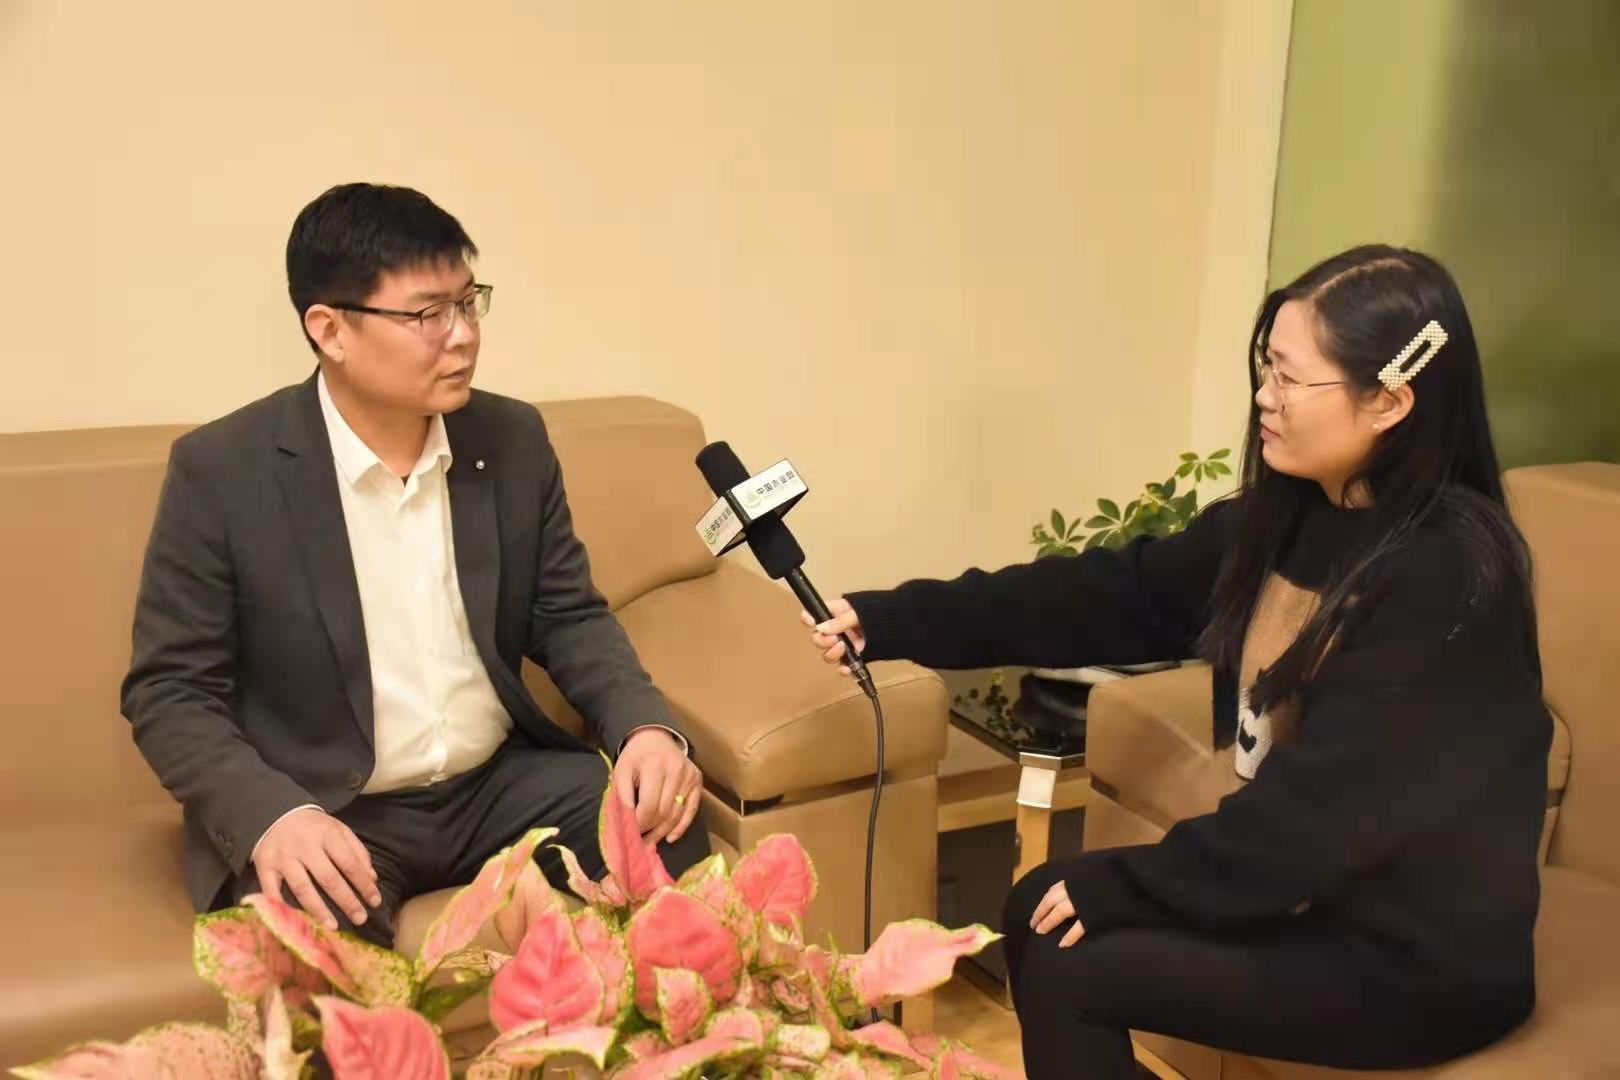 中国木业网记者采访好太太董事长张胜军